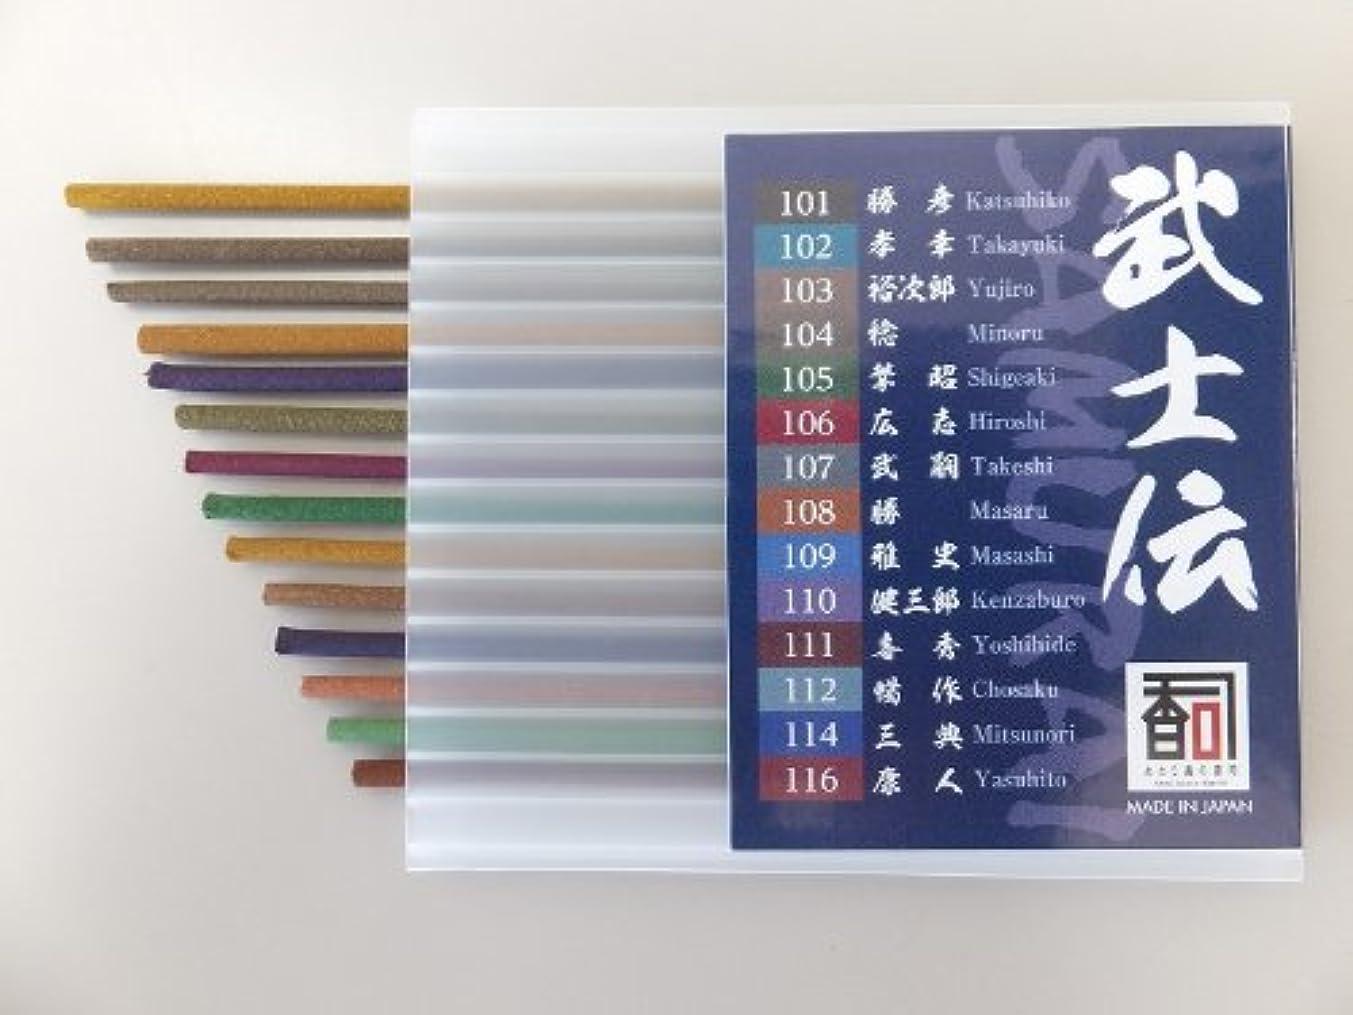 冷えるディスクネズミ「あわじ島の香司」 日本の香りシリーズ 【武士伝】 14本セット ◆経済産業大臣賞◆